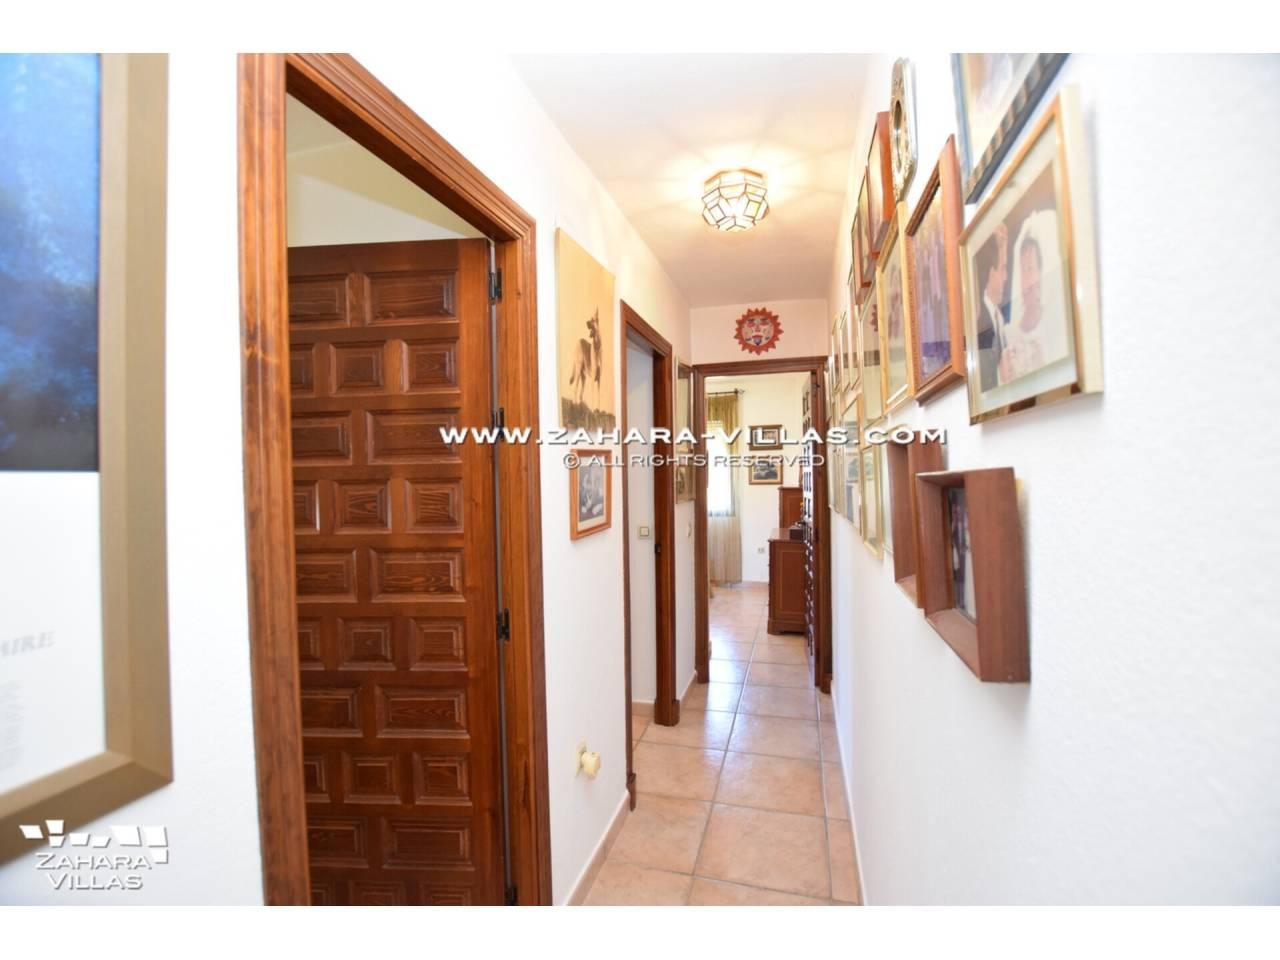 Imagen 22 de Apartamento en venta en urbanización Jardines de Zahara - Atlanterra